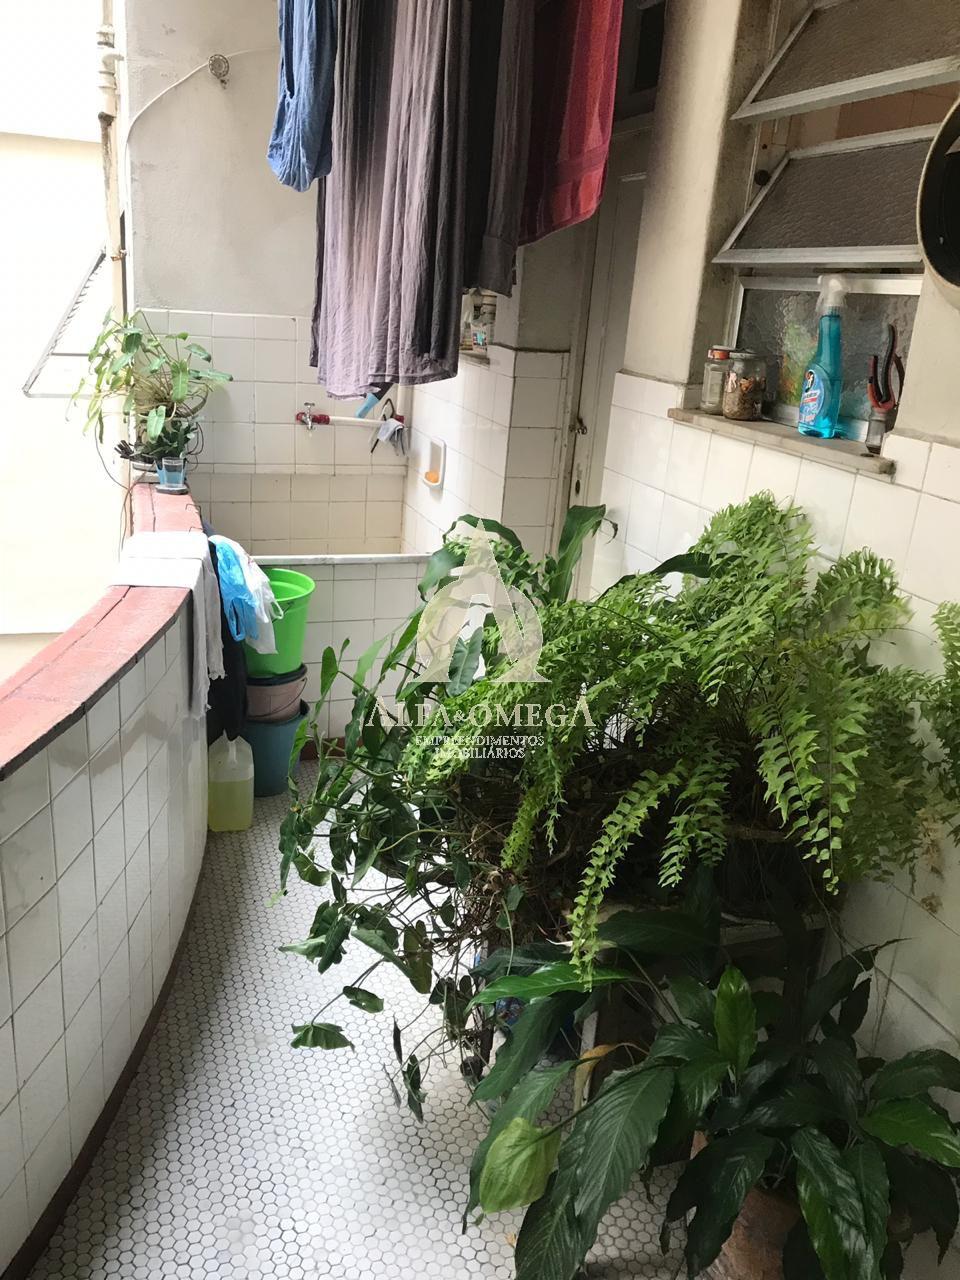 FOTO 1 - Apartamento Copacabana, Rio de Janeiro, RJ À Venda, 3 Quartos, 140m² - AOJ30003 - 1